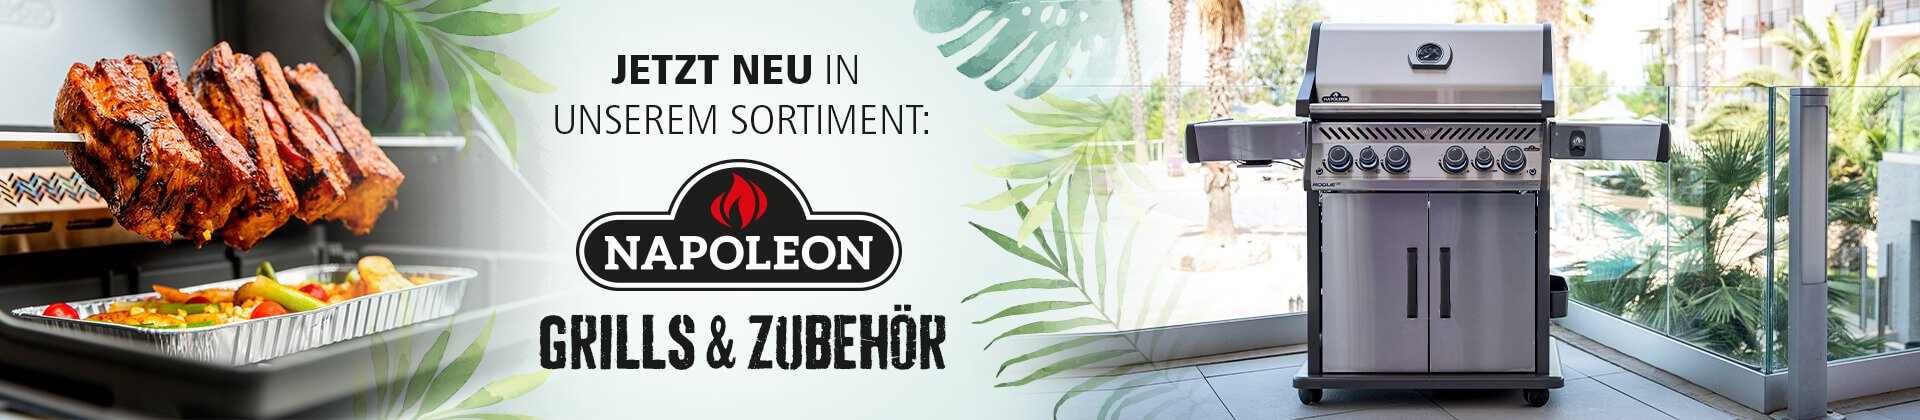 Naploeon Grills & Zubehör